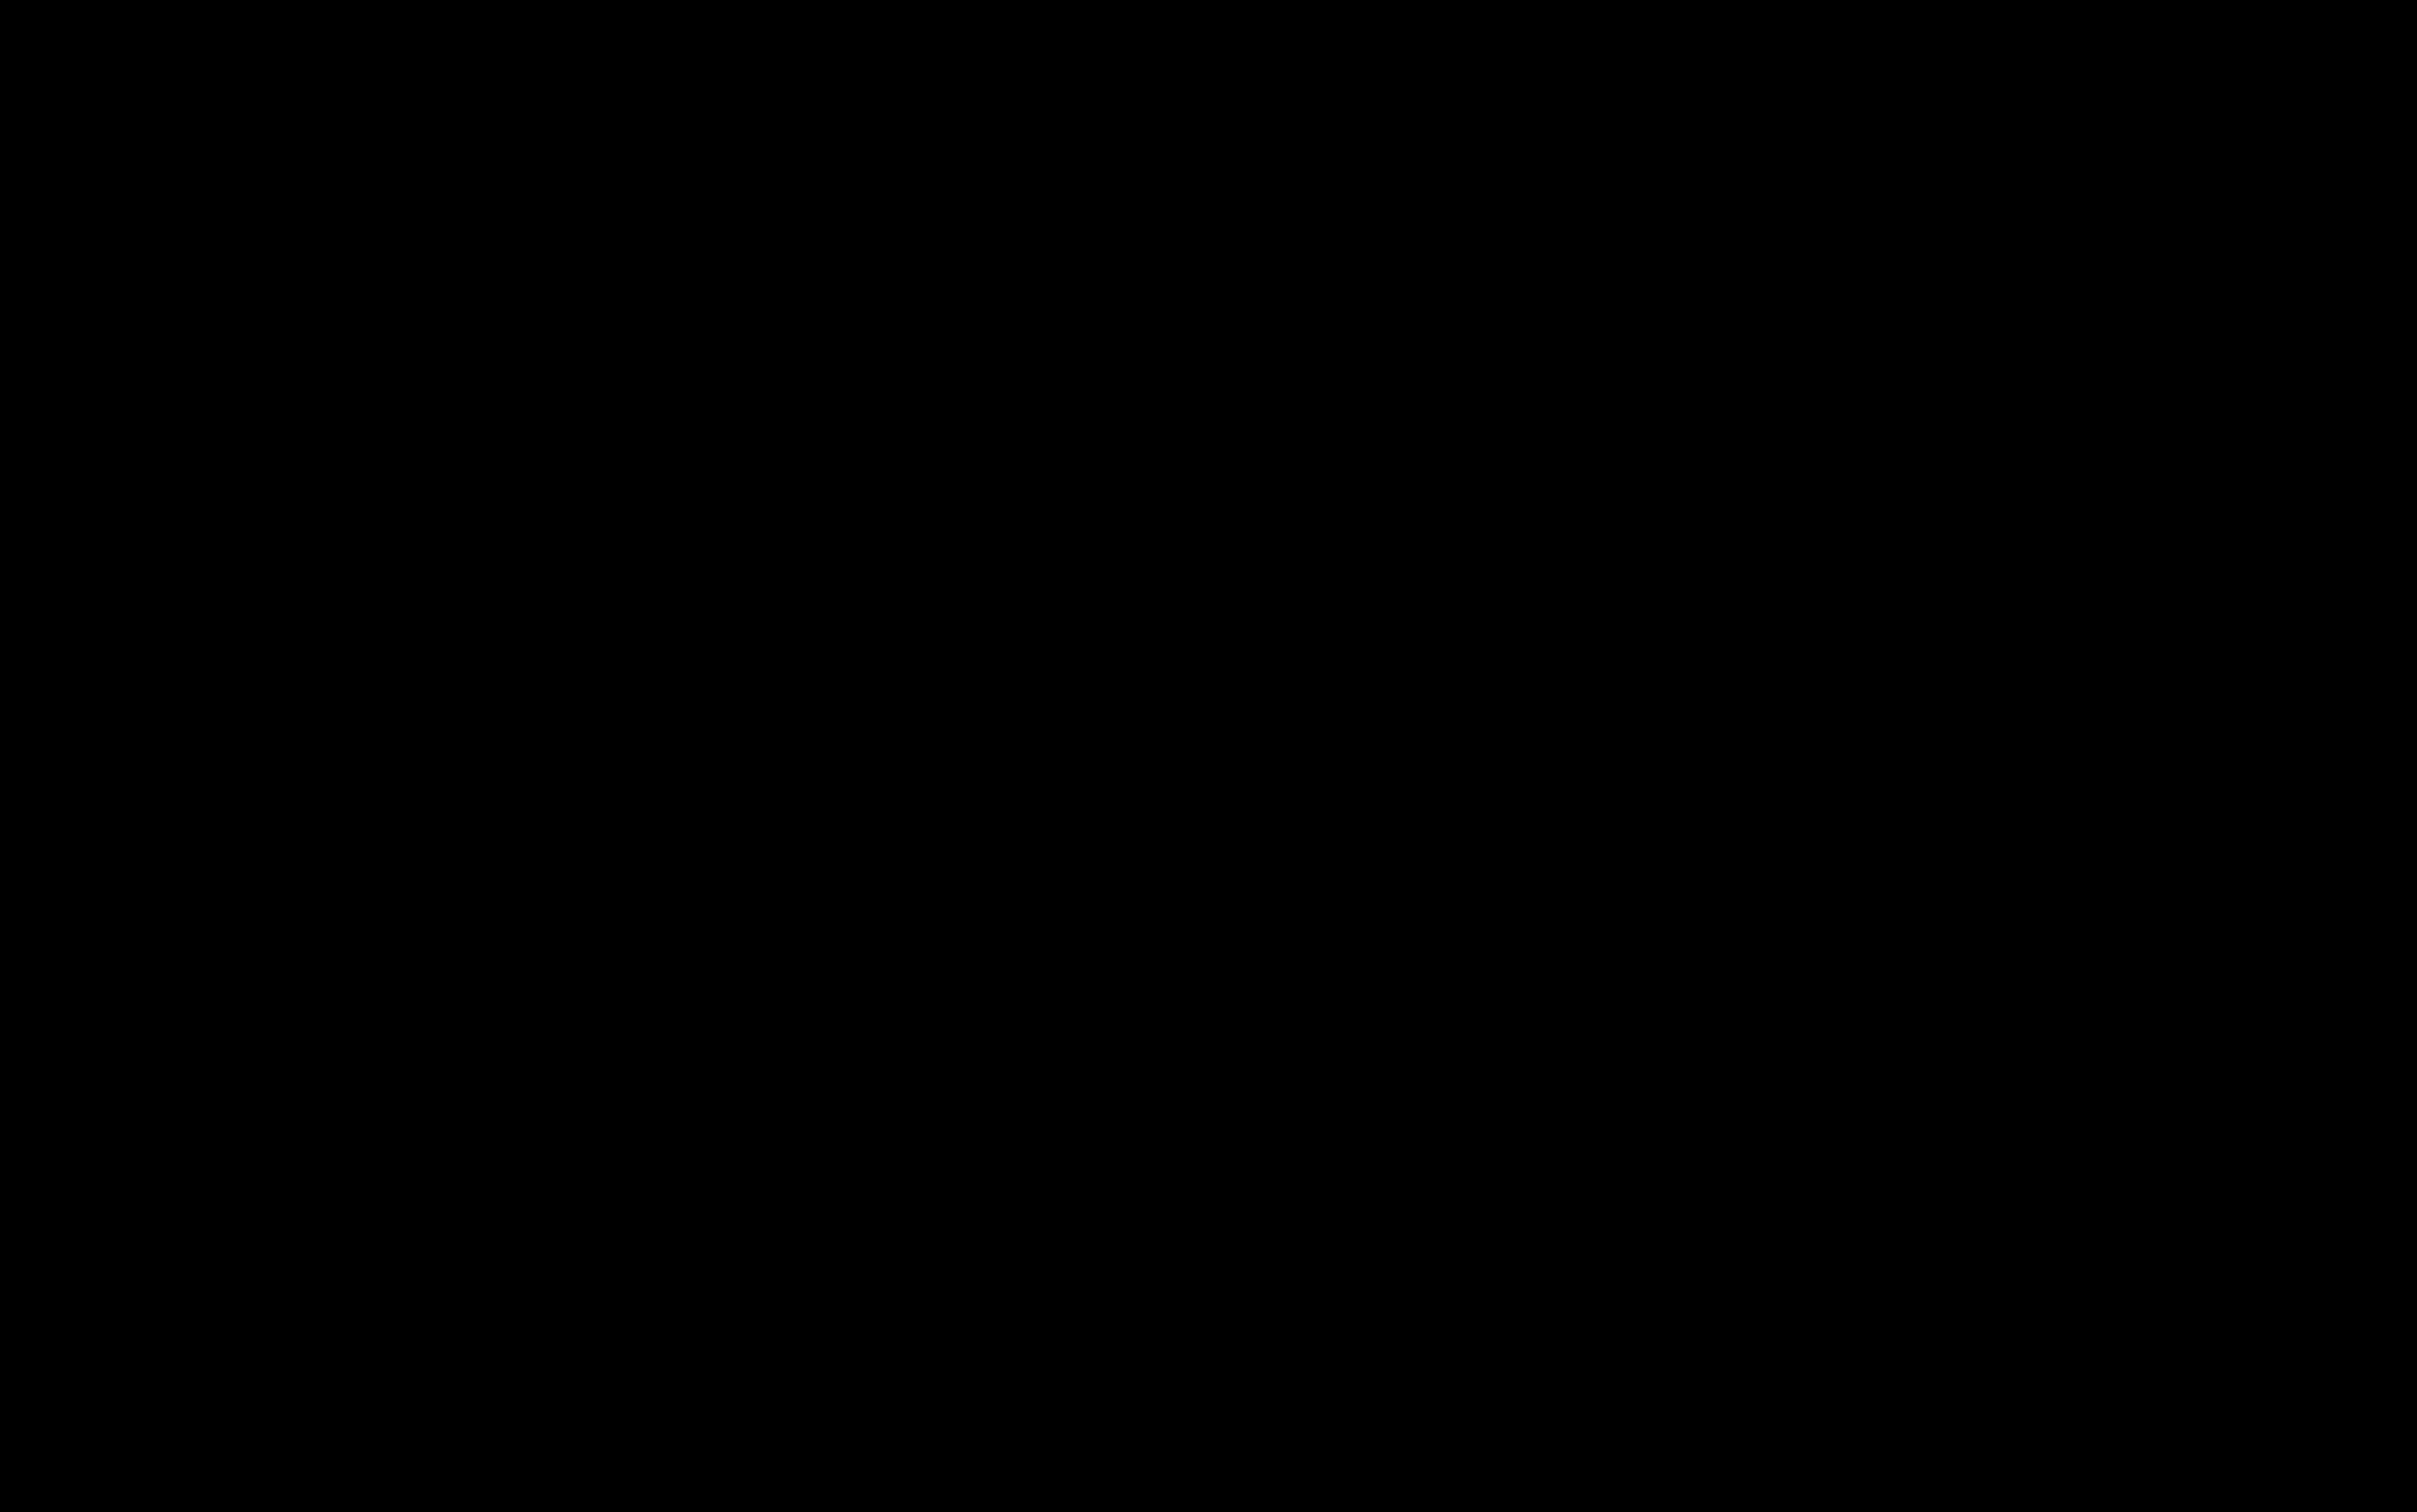 makine öğrenmesi, makine öğrenmesi nedir, makine öğrenimi, makine öğrenimi nedir, machine learning, yapay zeka, AI